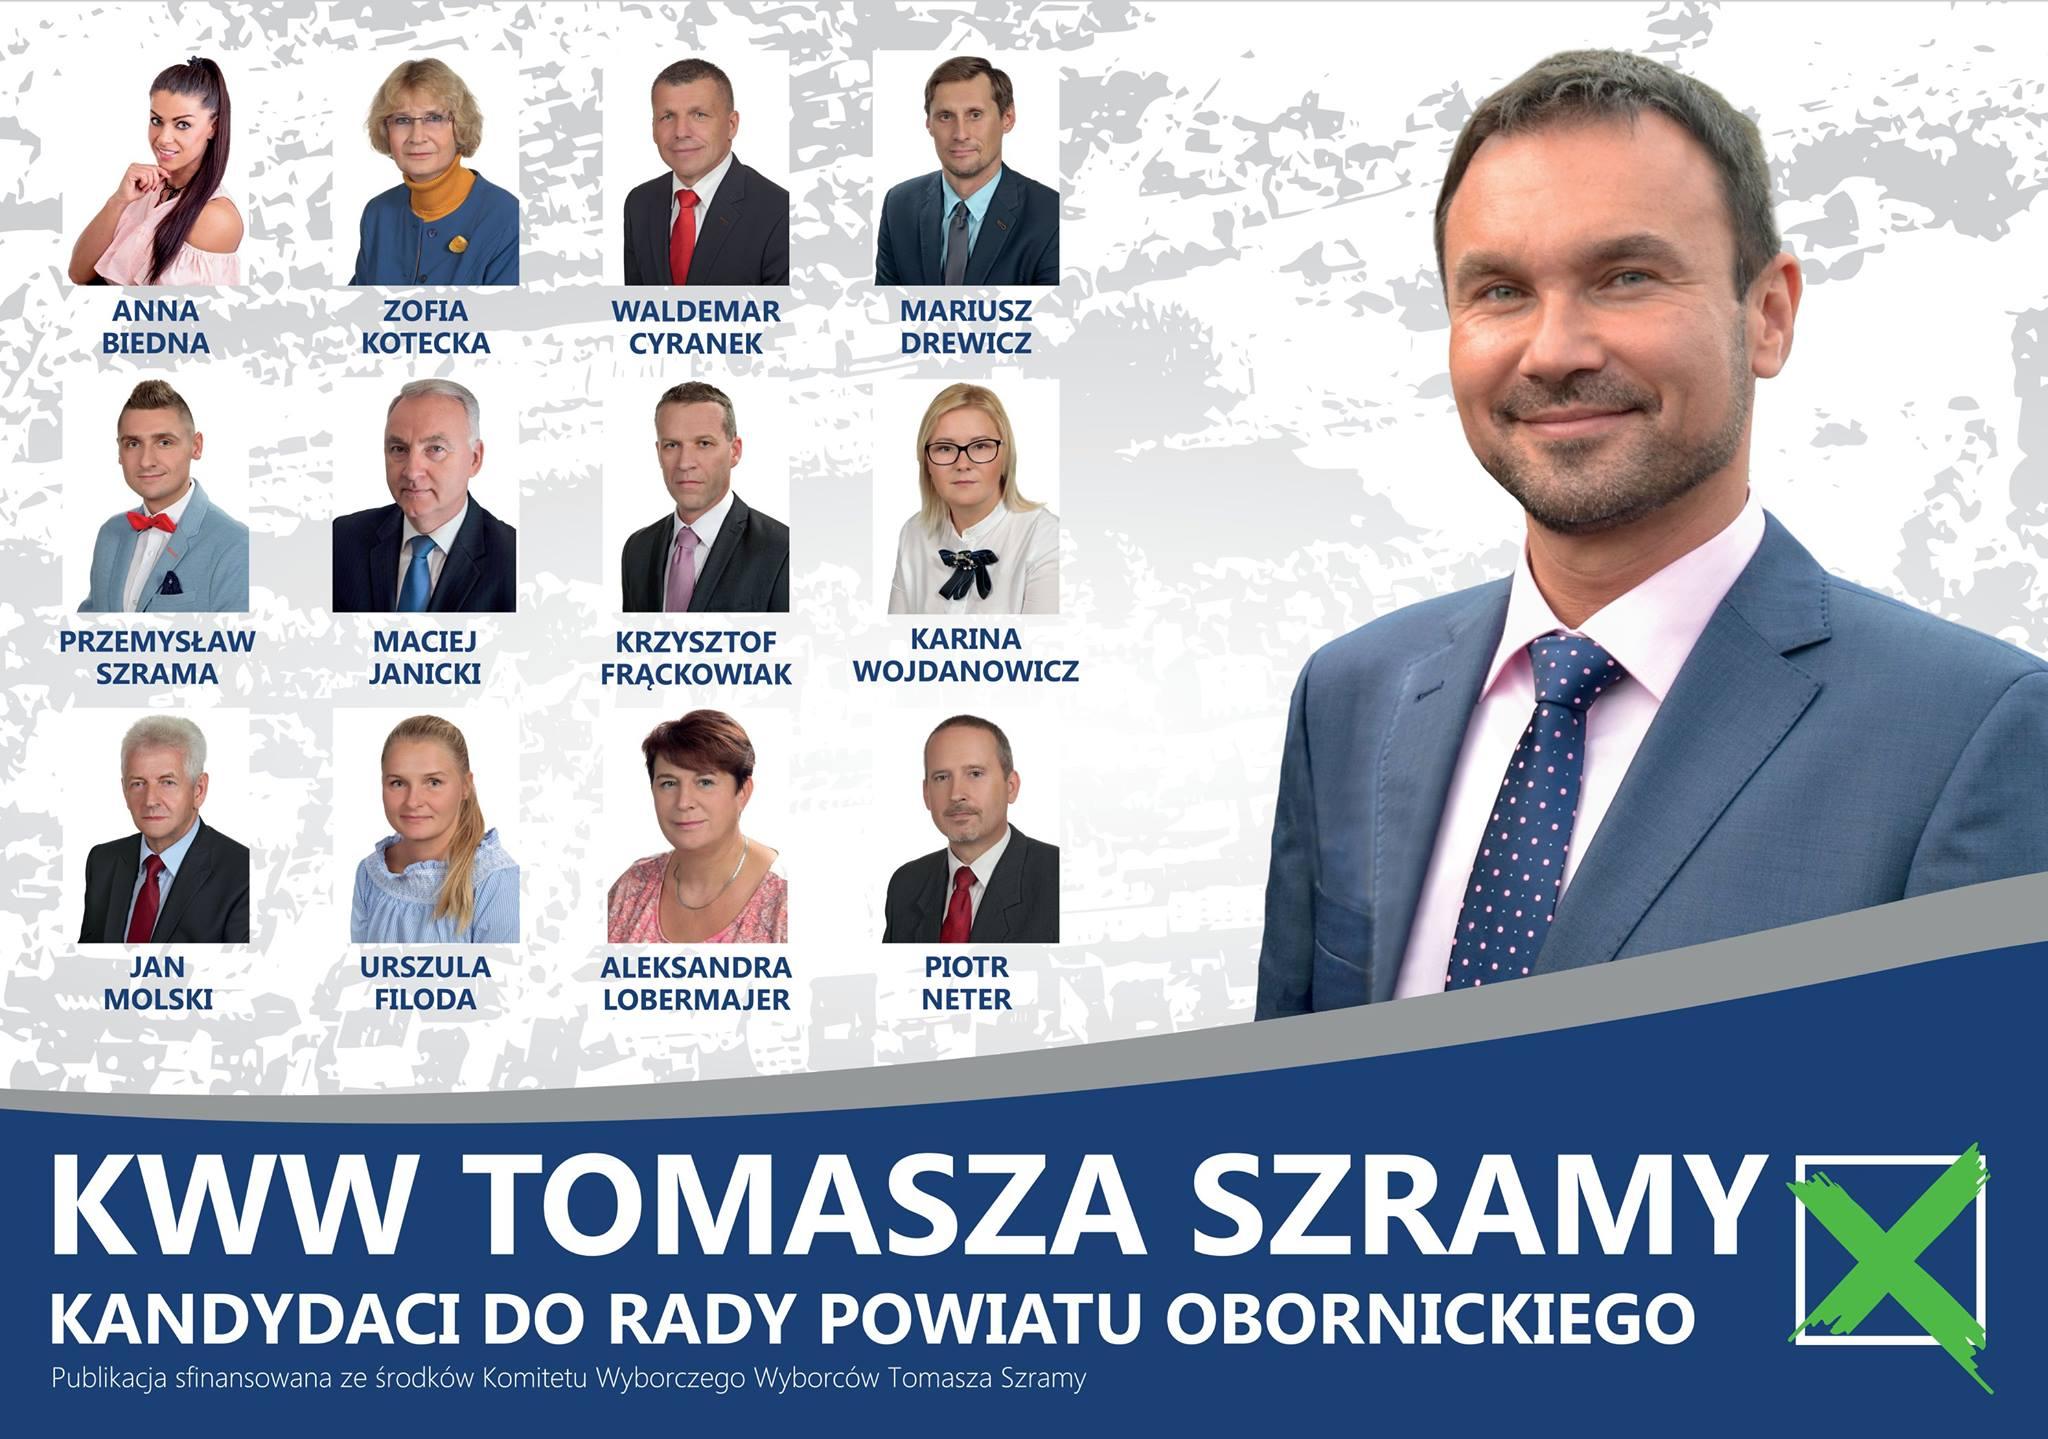 rada powiatu obornickiego kww tomasza szramy